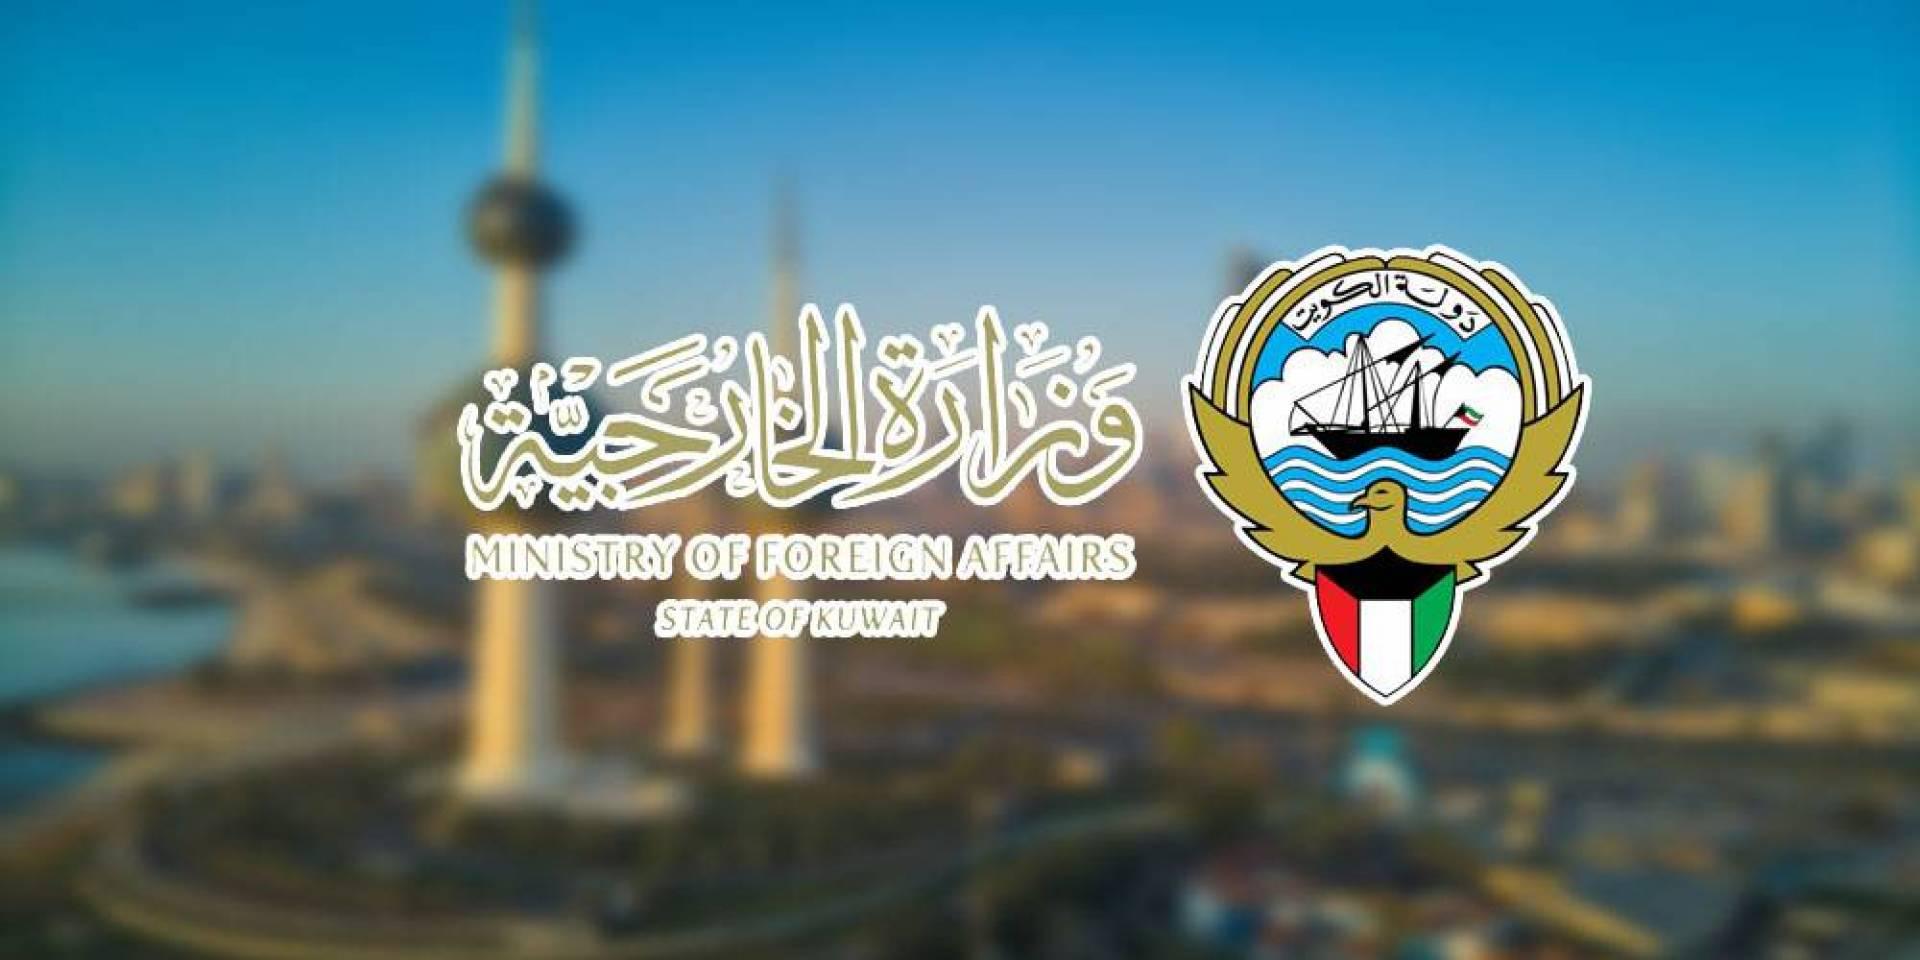 «الخارجية»: الكويت تدين الجريمة التي وقعت في مدينة «نيس» الفرنسية